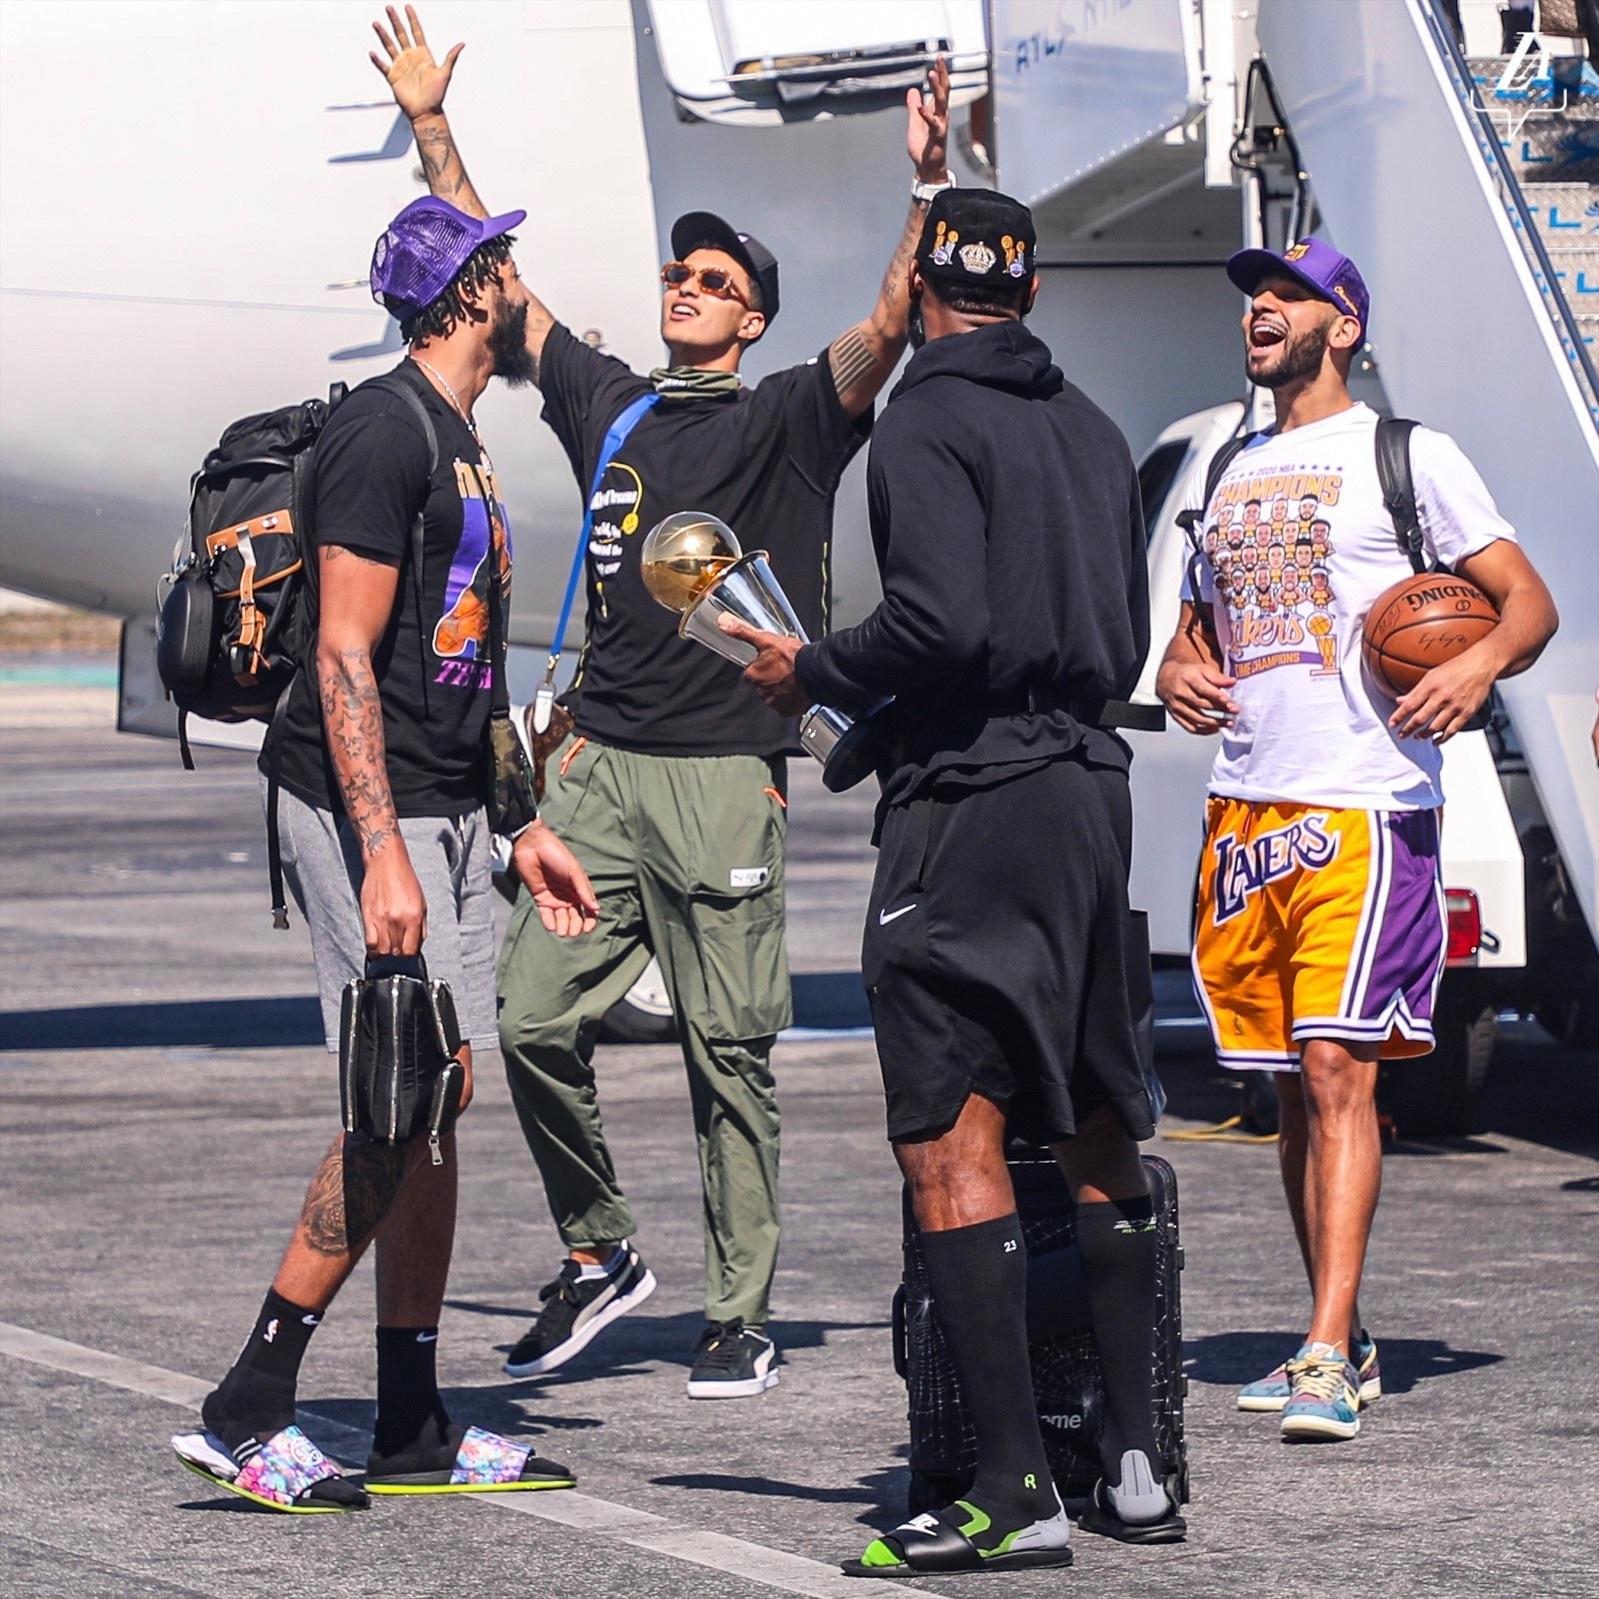 杜德利:回到洛杉矶下飞机后,感觉就像《肖申克的救赎》